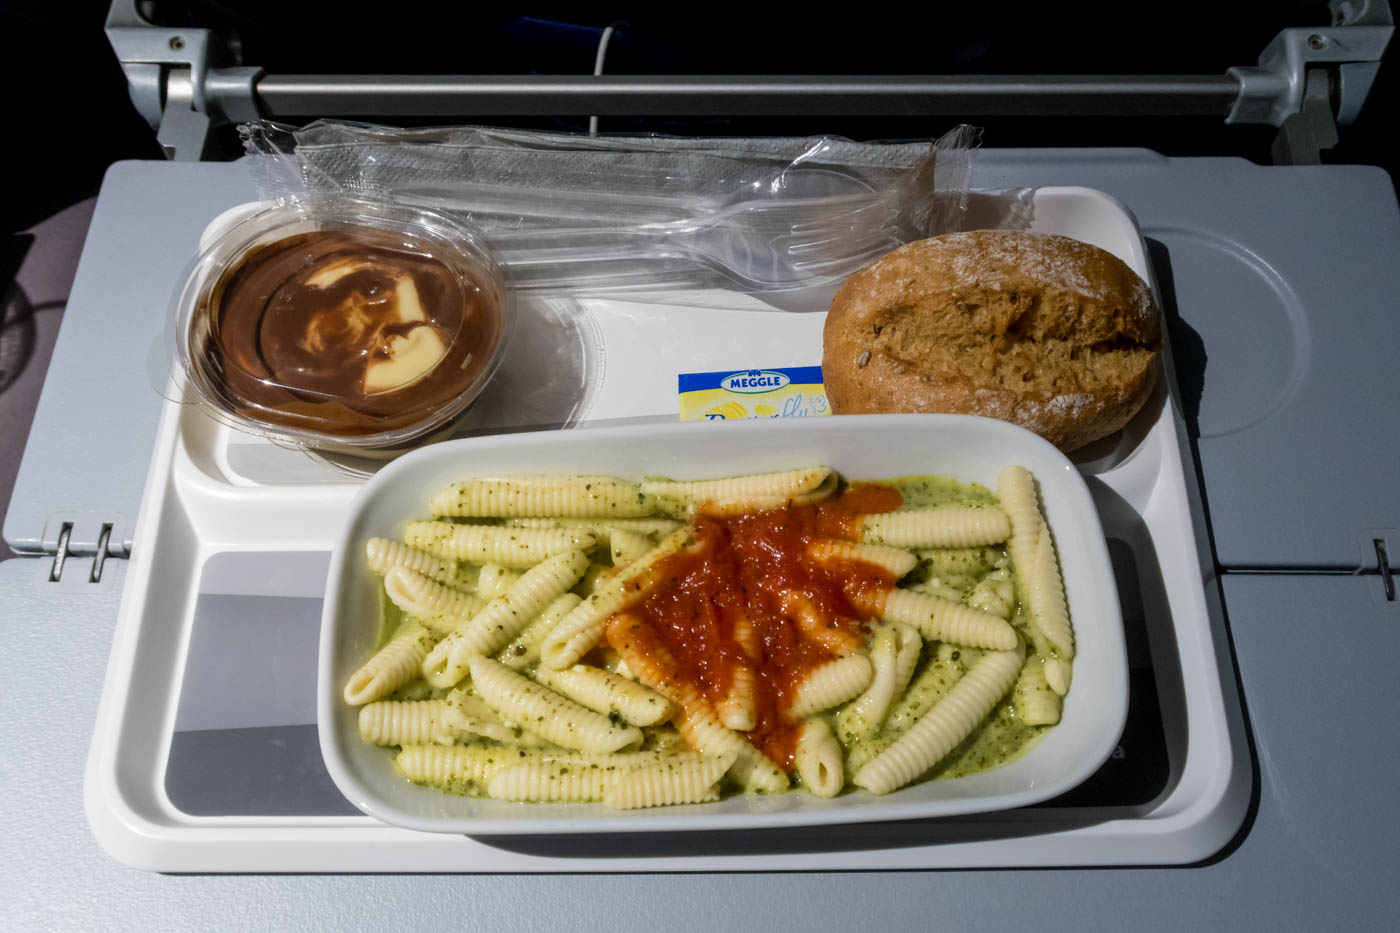 Lufthansa Meal - Vegetarian Pasta